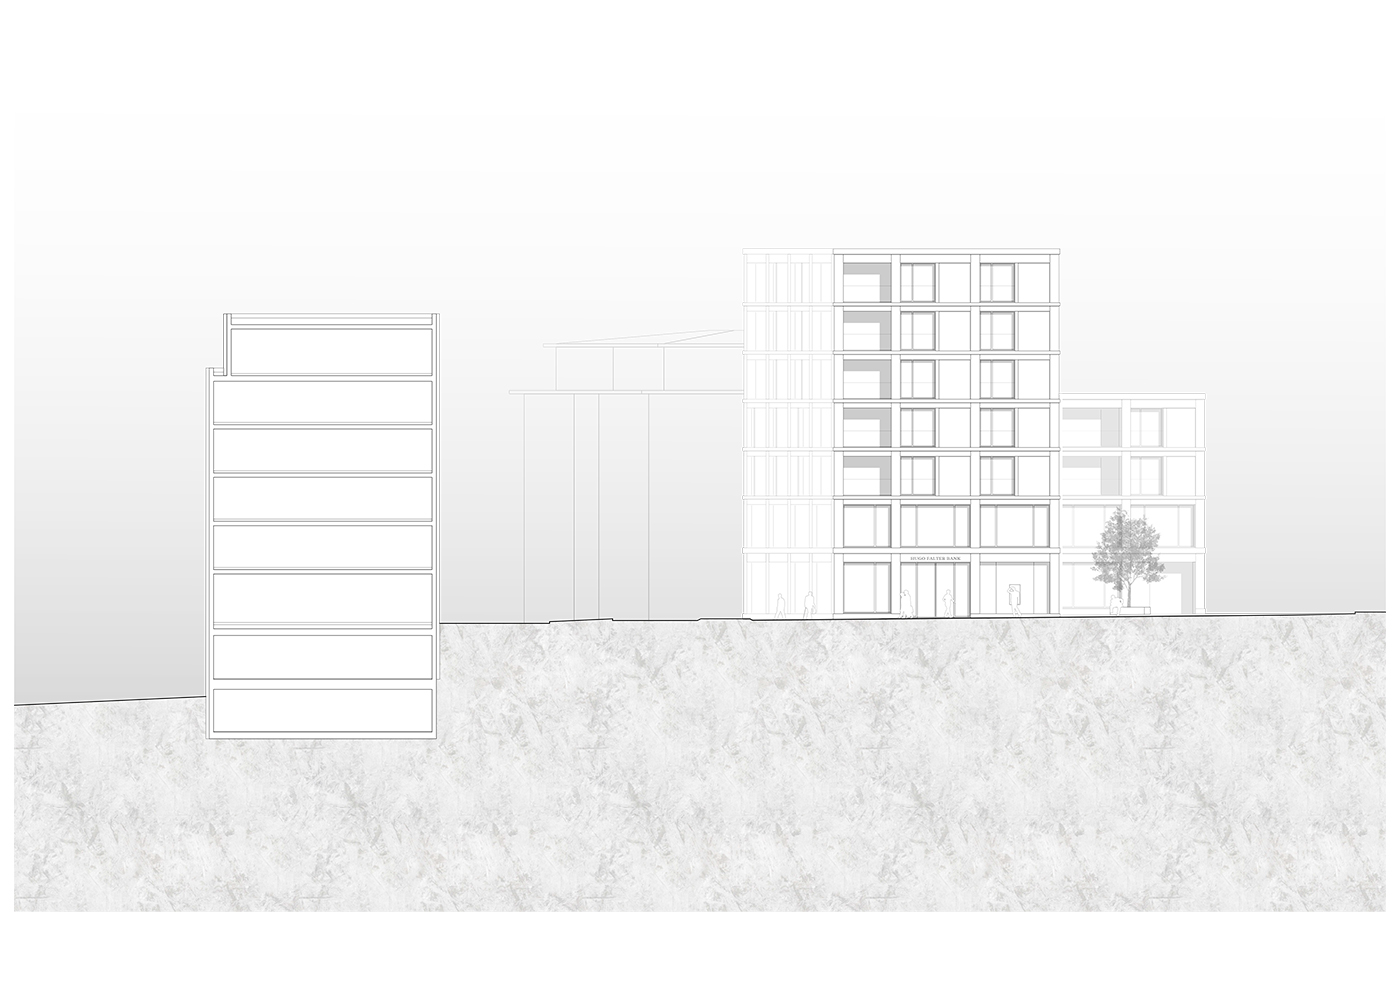 buan architekten – Studienauftrag Kanzlei-Kreisel Emmenbrücke – Ansicht Nordwest